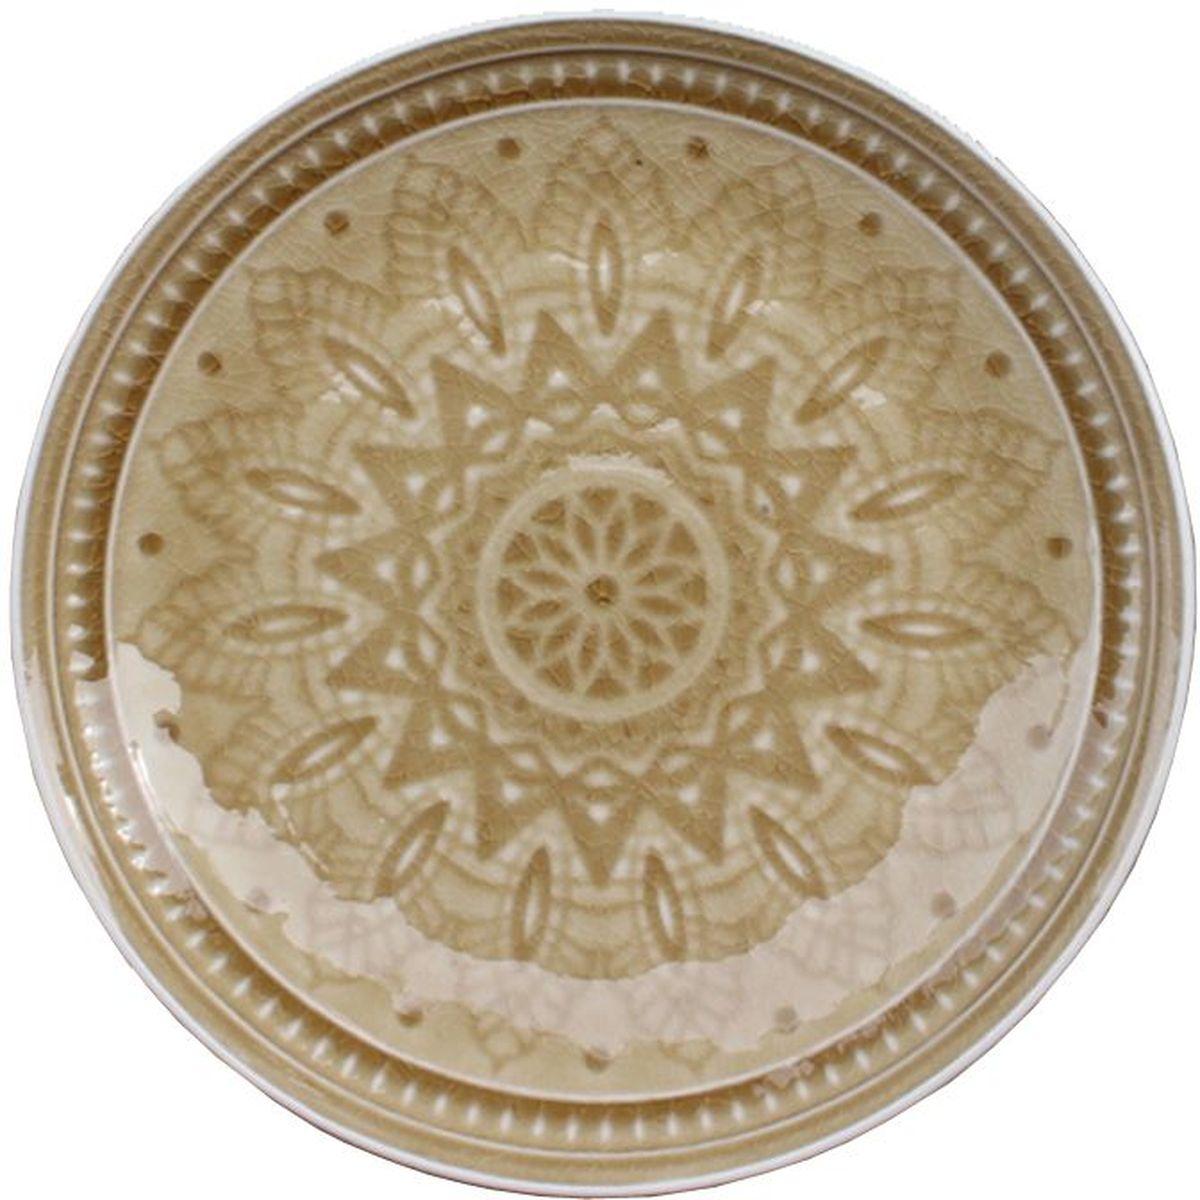 Набор десертных тарелок Tongo, цвет: золотая рожь, диаметр 20,5 см, 6 шт115510Традиционная этническая посуда Индонезии. Декоративная техника придает посуде этнический шарм, с элементами старения, в виде паутинки мелких трещинок на поверхности эмали, что повышает ее привлекательность и ценность среди посудных аналогов. В процессе эксплуатации мелкие трещины так же могут проявляться на внутренних поверхностях кружек и салатников, - что так же является задумкой дизайнеров, заложенной в производственной технологии.